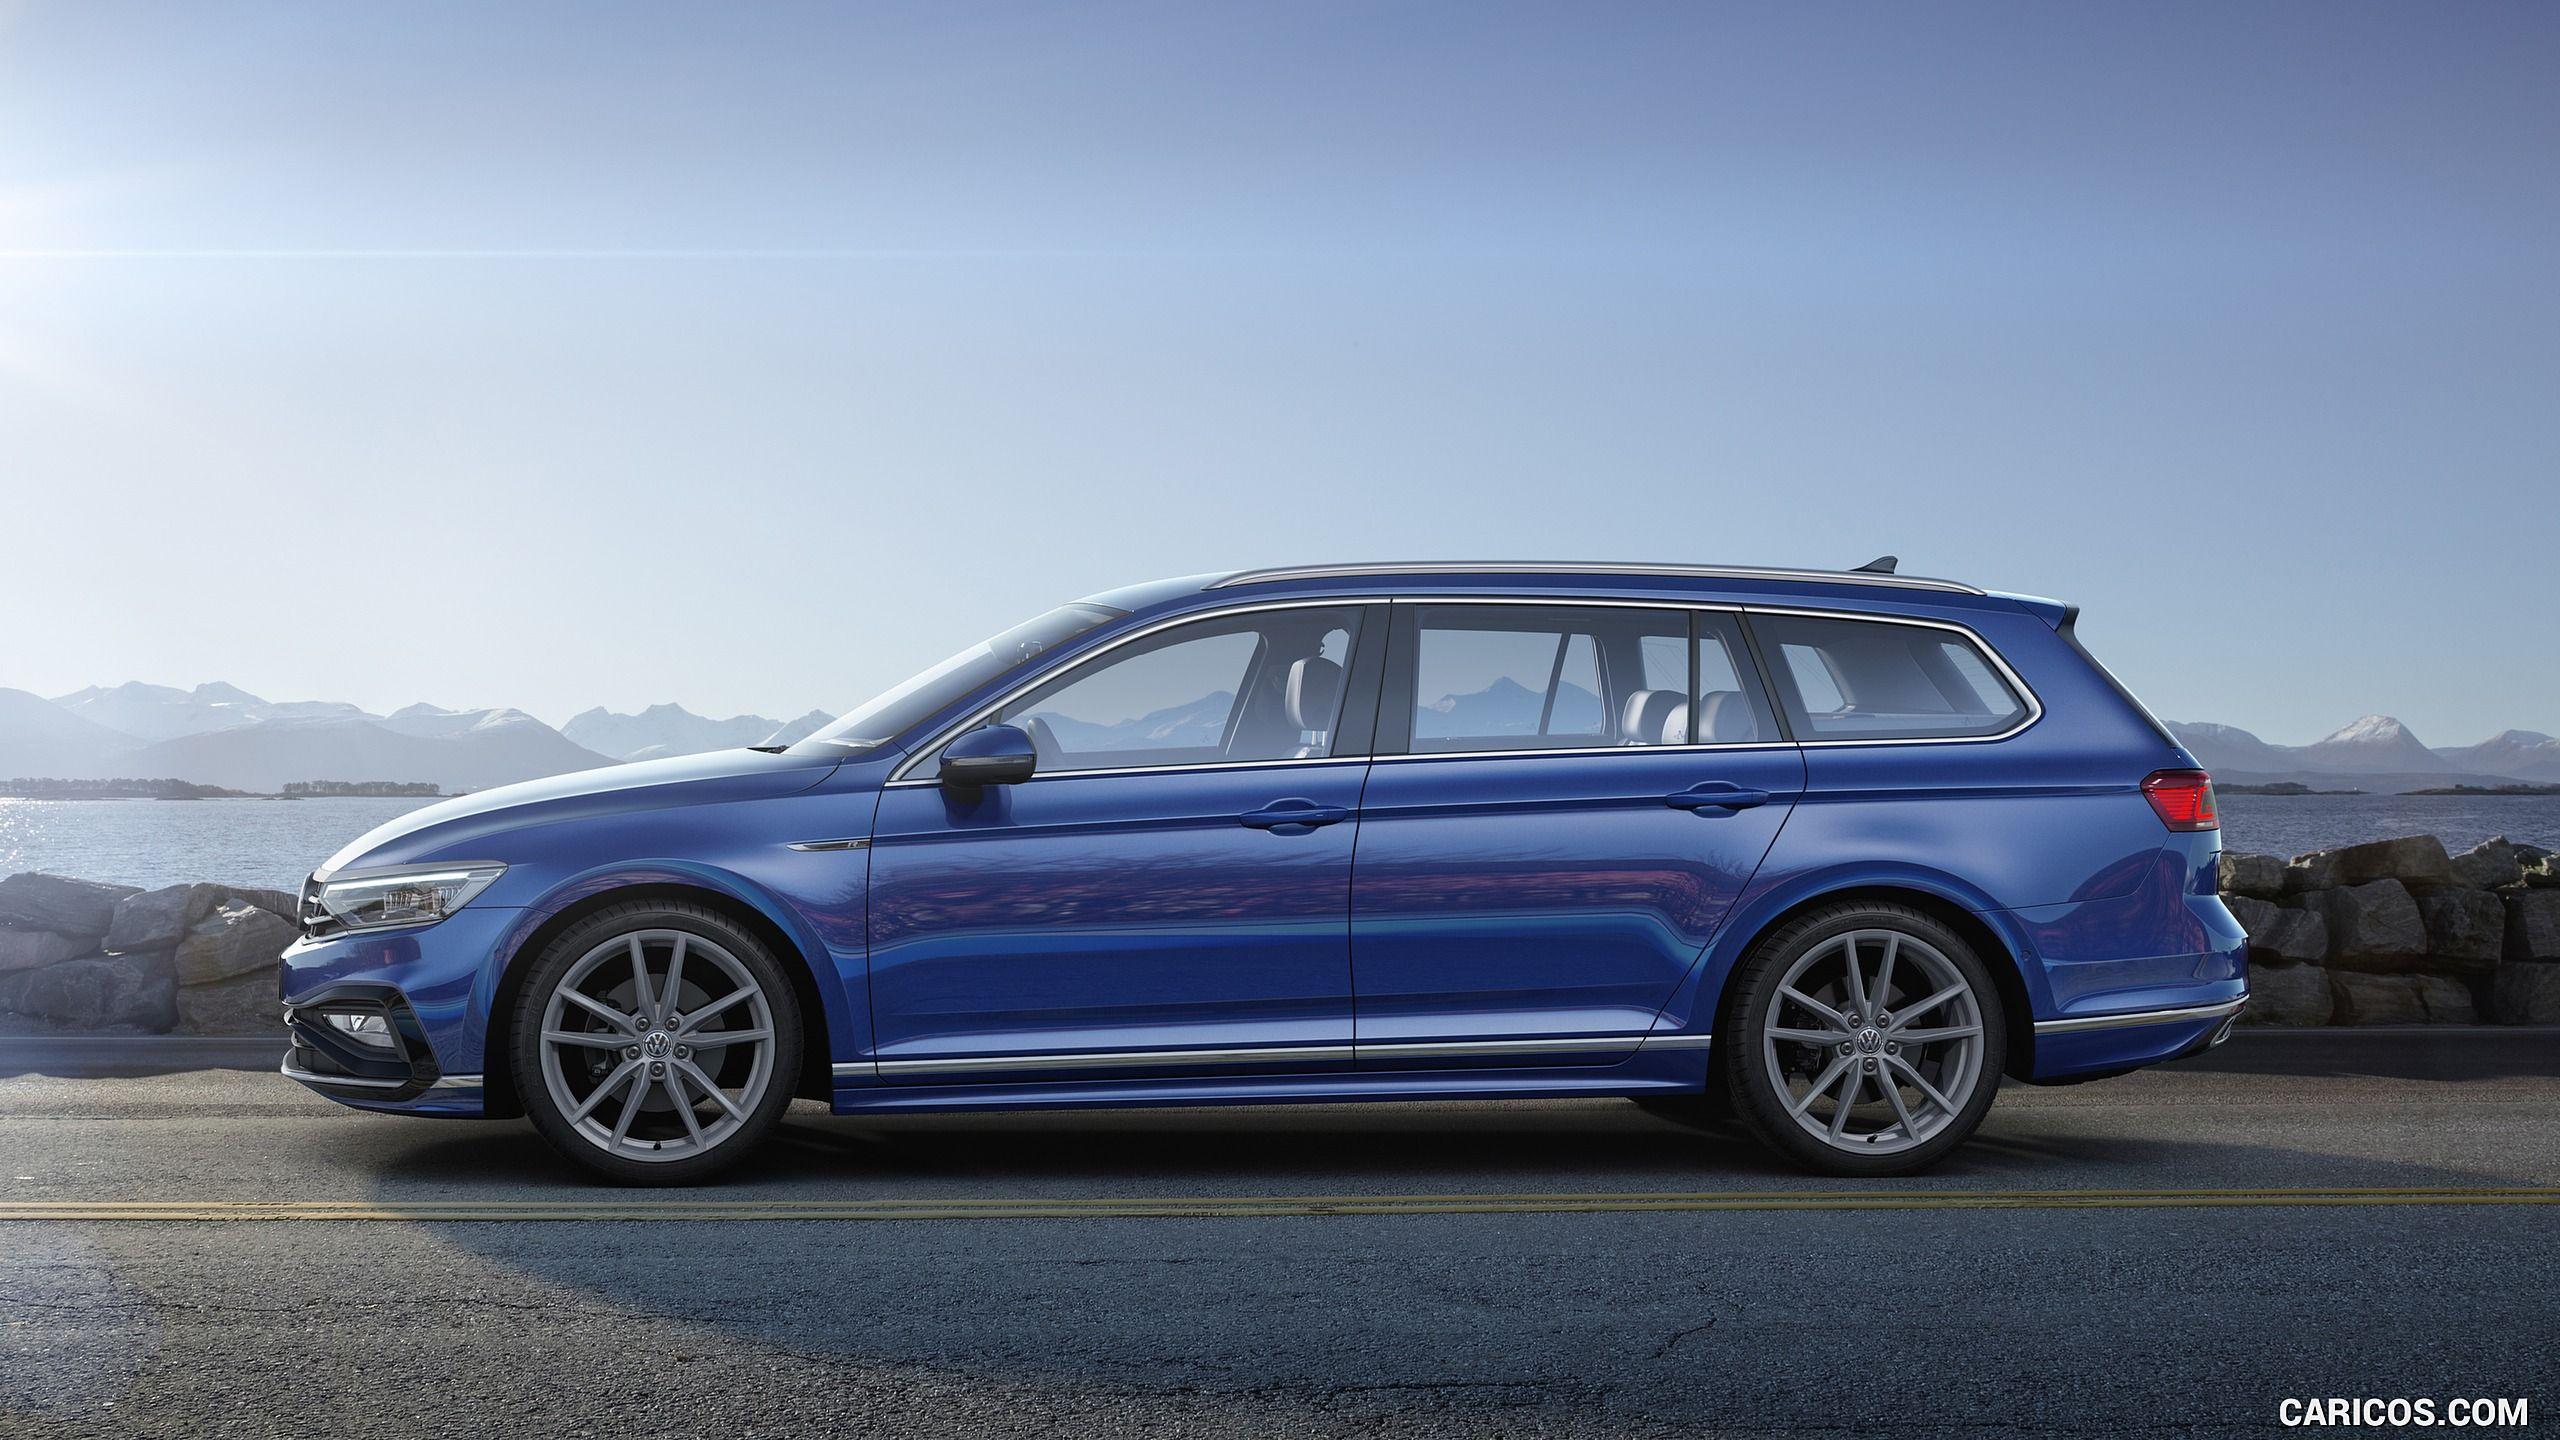 2020 Volkswagen Passat Variant Eu Spec Side Hd Volkswagen Passat Volkswagen Jetta Volkswagen